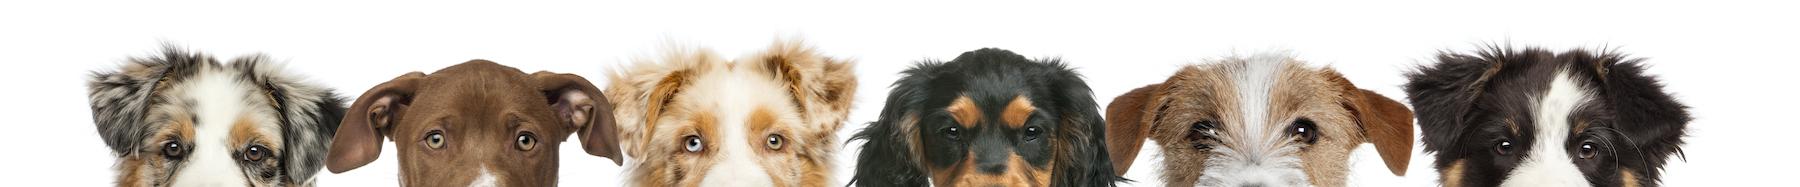 Kelynse prodotti cosmetici per cani italia